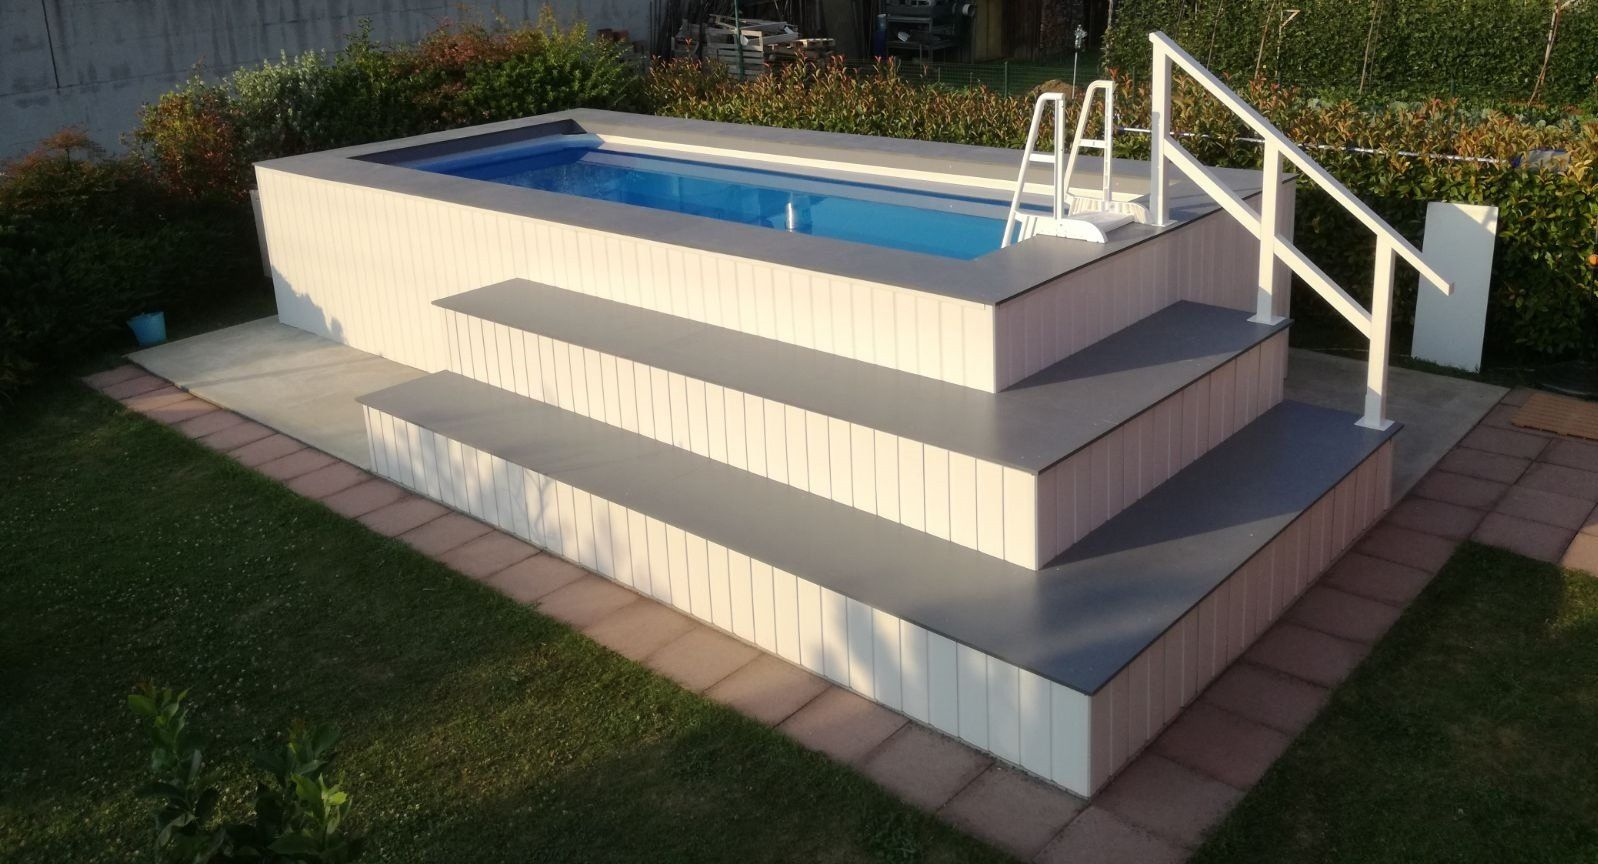 Piscine Da Esterno Rivestite In Legno piscina fuori terra rivestita in wpc personalizzata